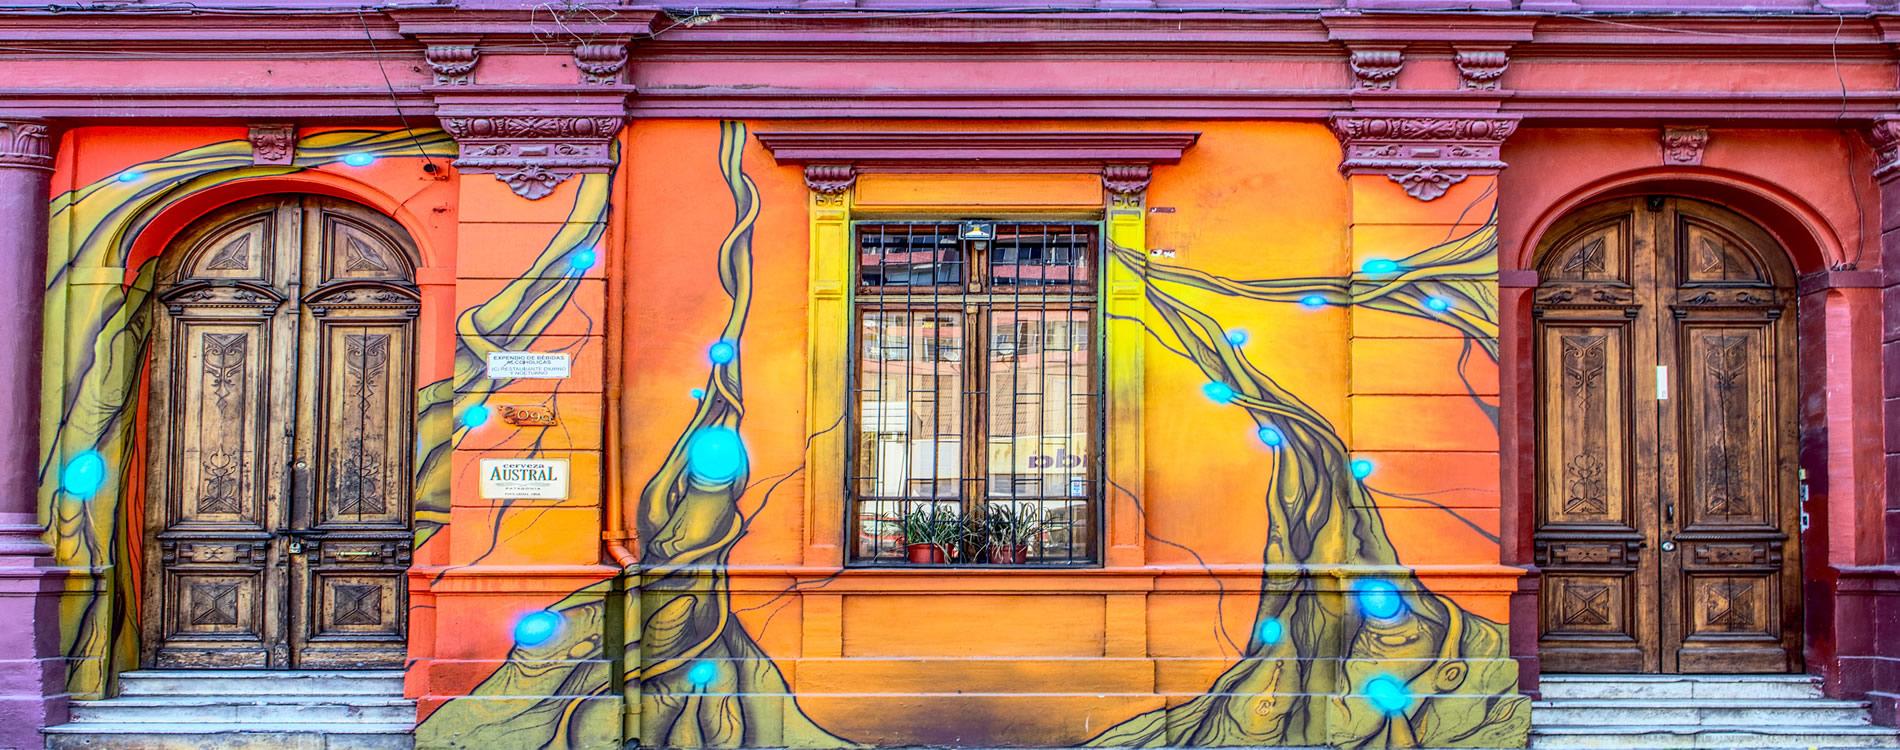 Chile-Santiago-1900x750